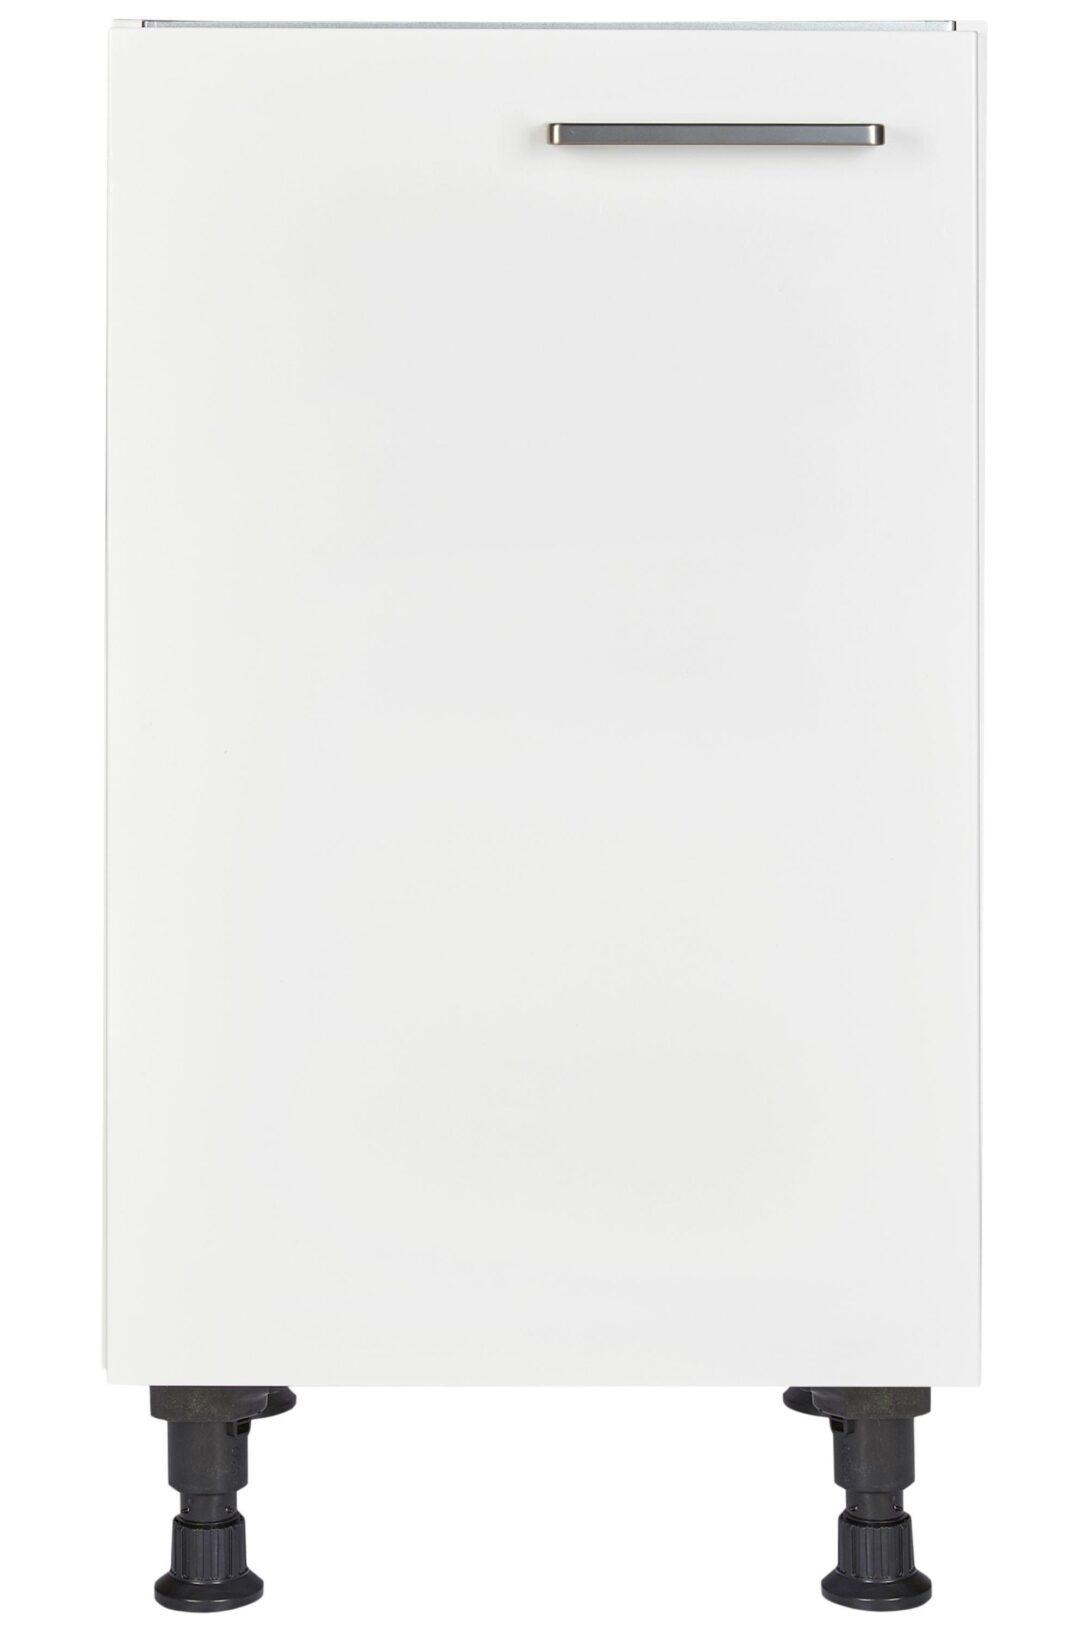 Large Size of Küchenspüle Mit Unterschrank Nobilia Splenschrank 45cm Badezimmer Bett Matratze Und Lattenrost Sofa Abnehmbaren Bezug Bad Spiegelschrank Beleuchtung Wohnzimmer Küchenspüle Mit Unterschrank